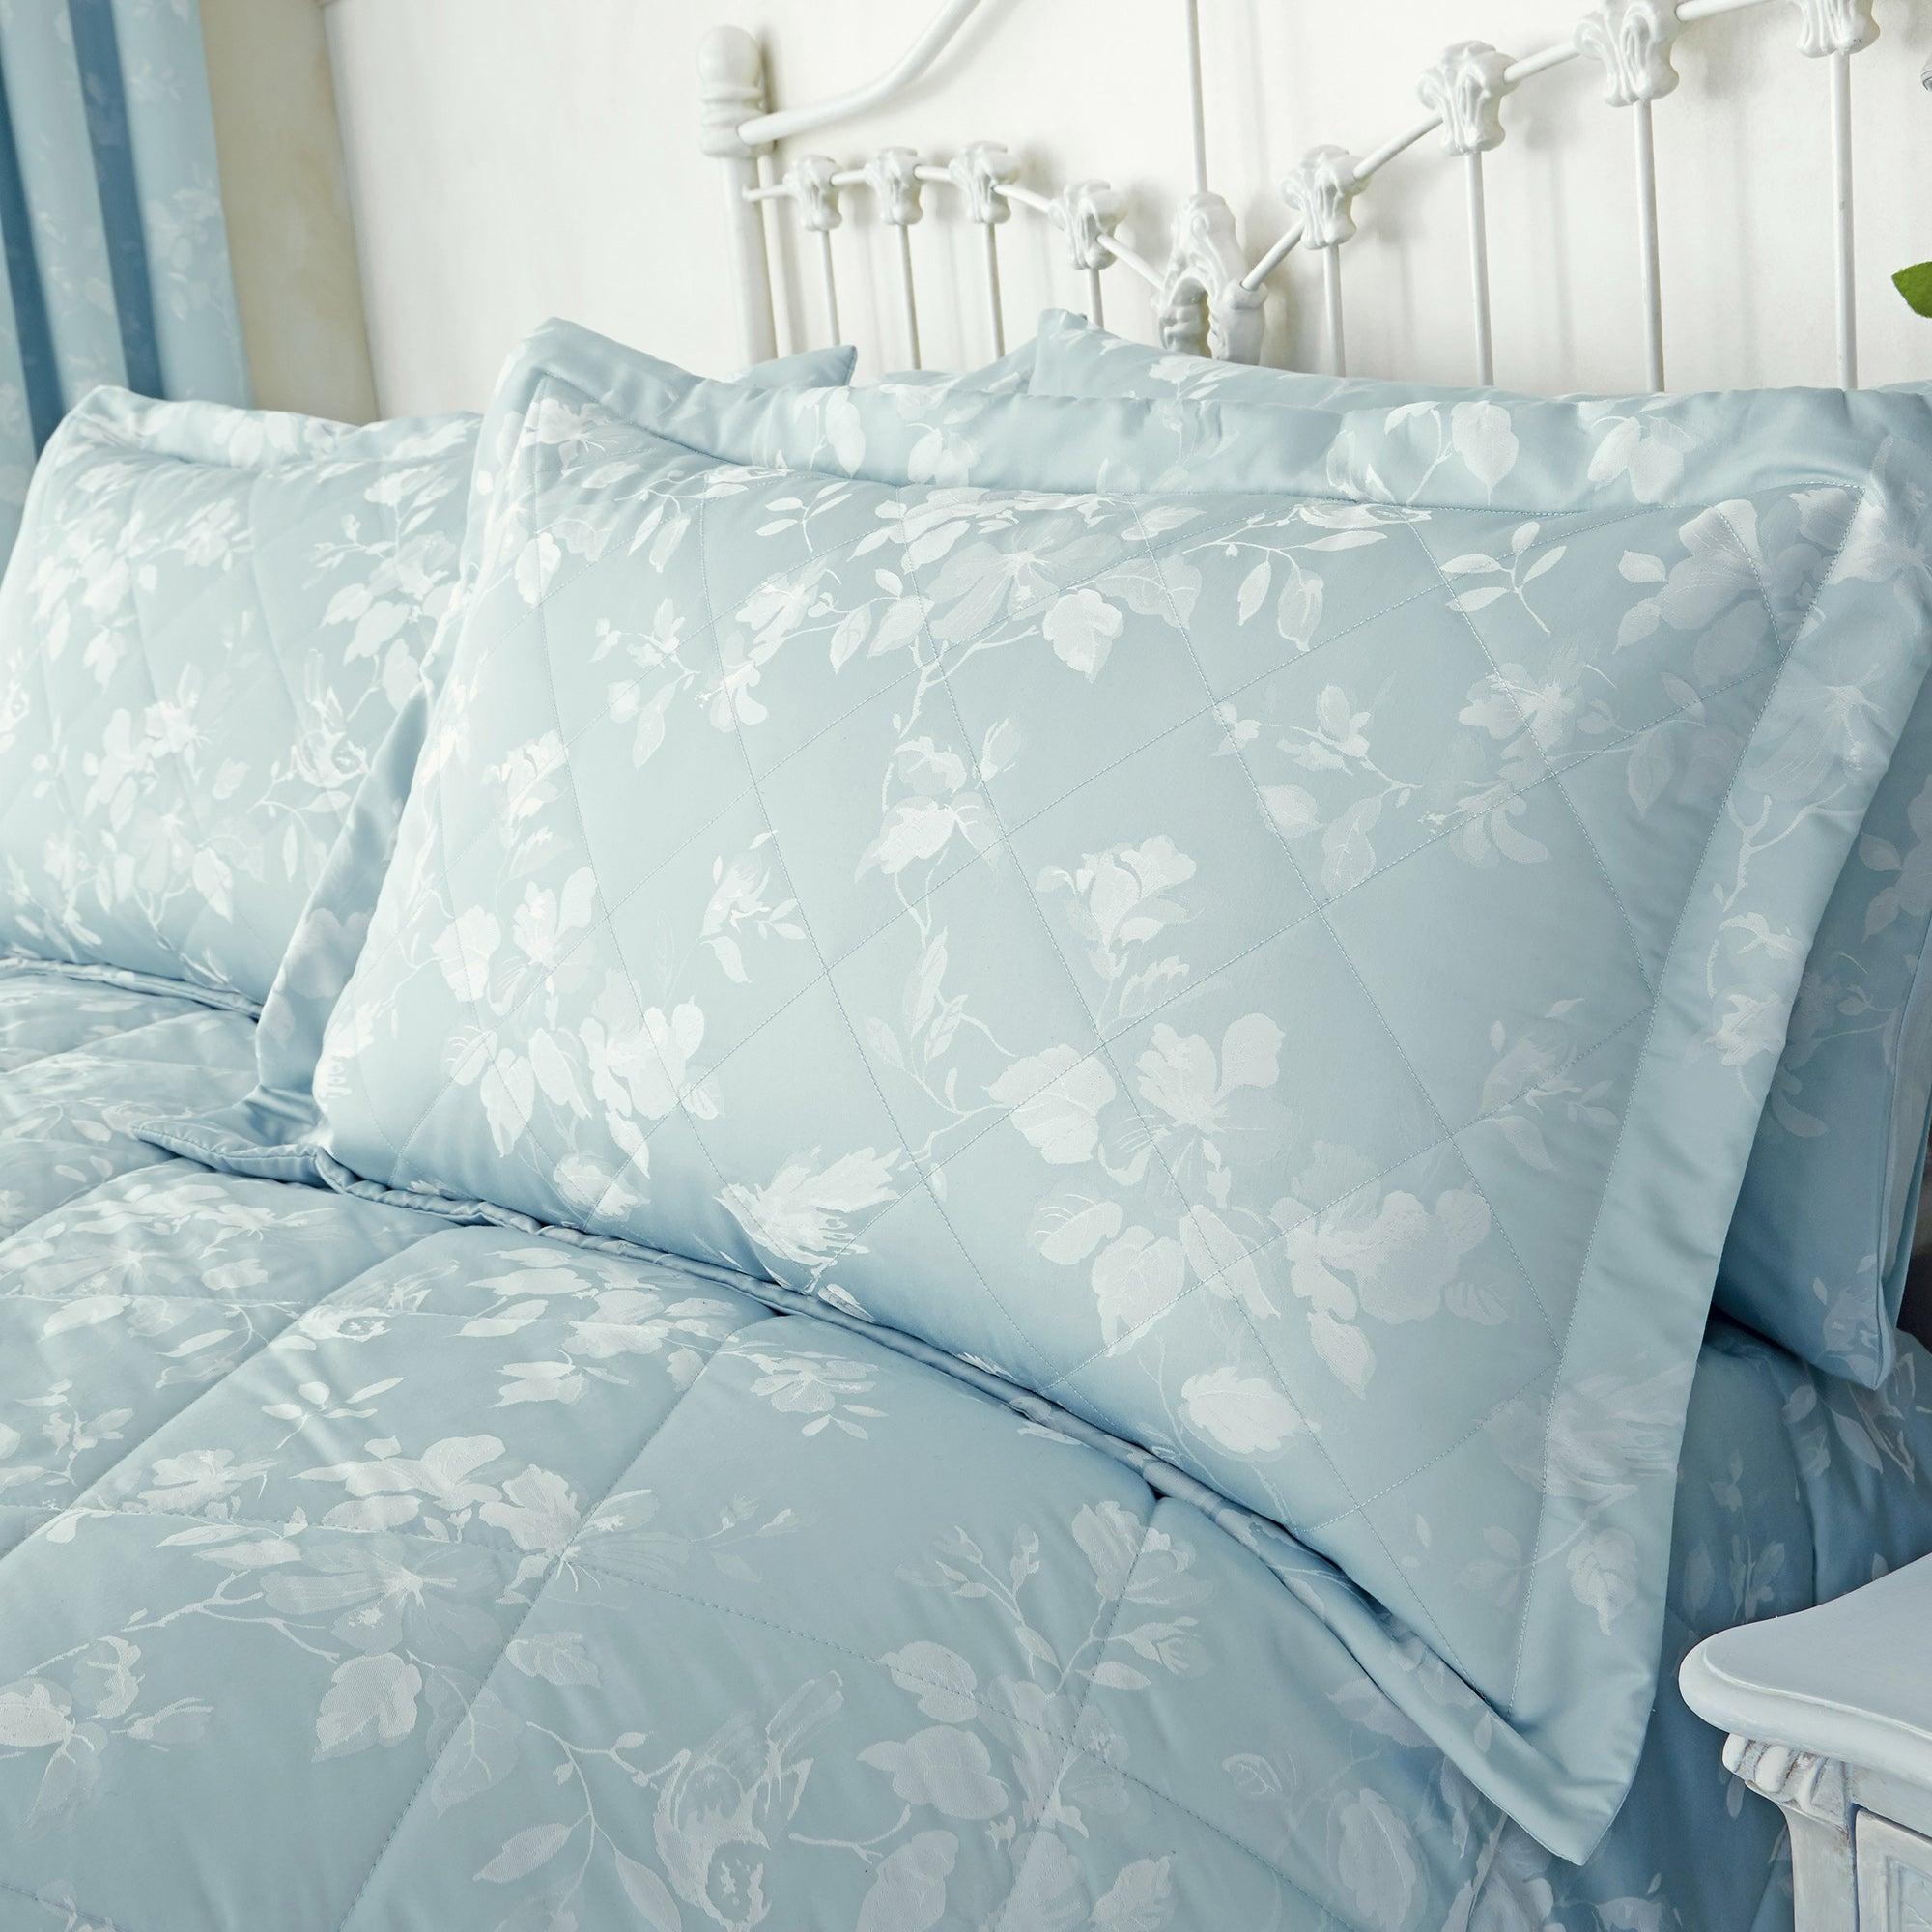 Dunelm Eden Duck-Egg Pillow Sham Duck Egg Blue |